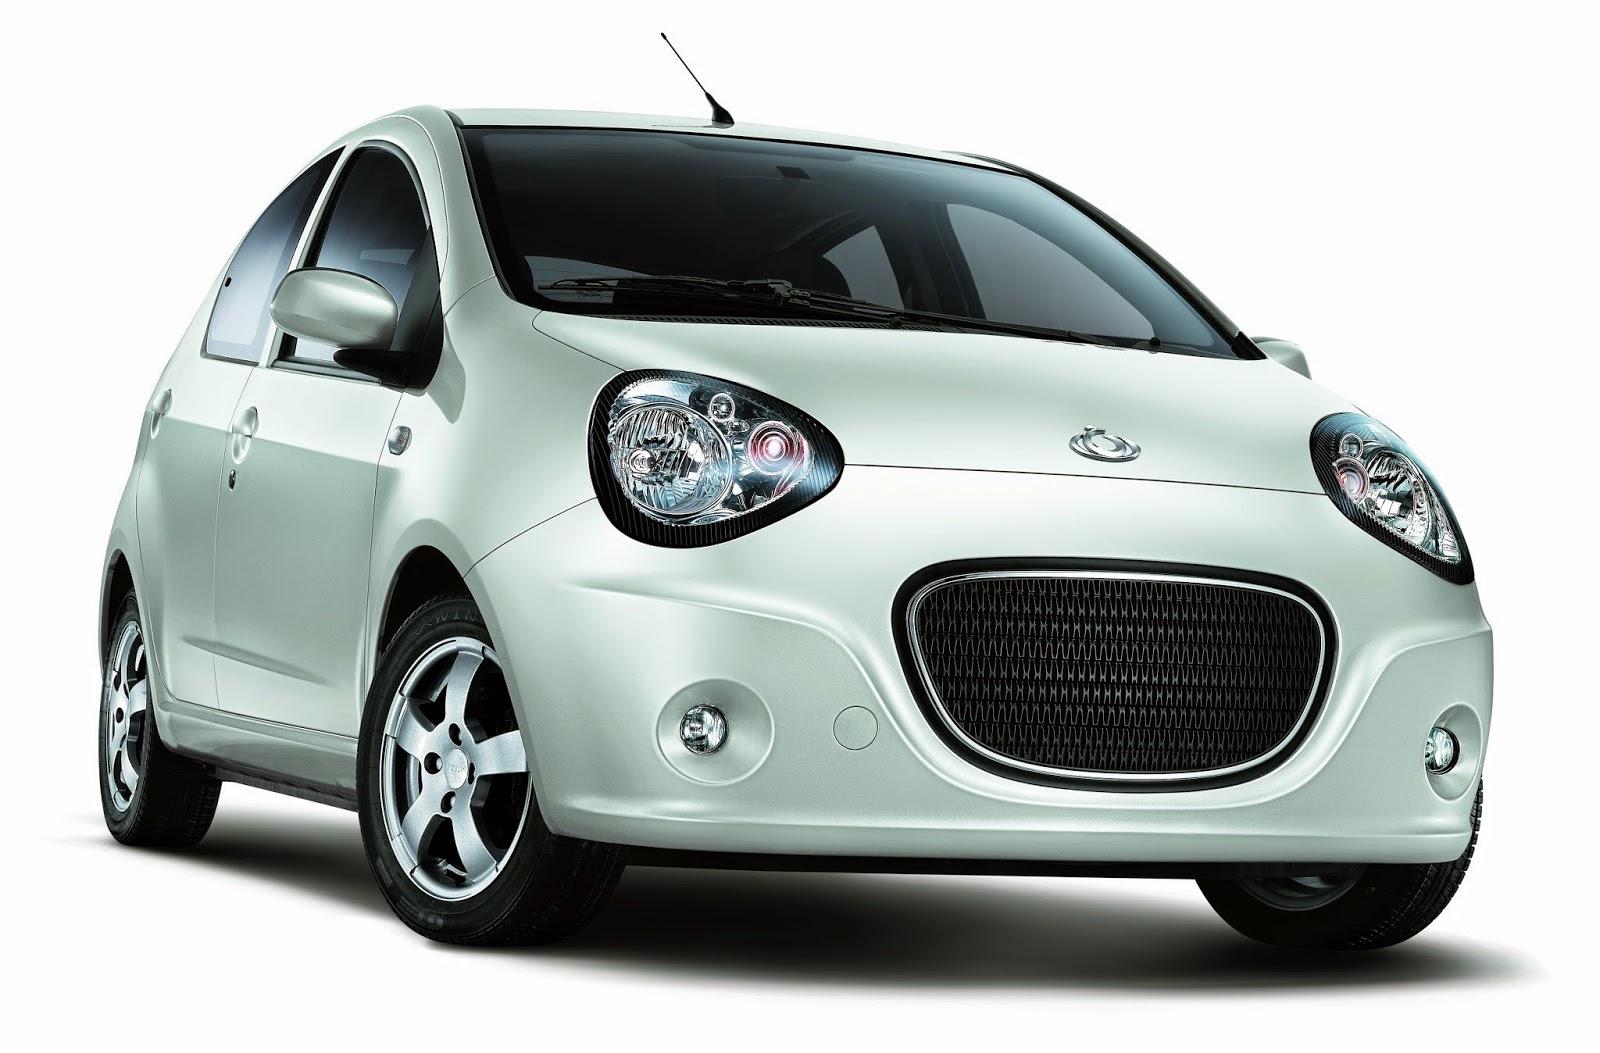 Daftar Harga Mobil Chery Baru Semua Tipe Spesifikasi Harga Mobil Baru Dan Bekas